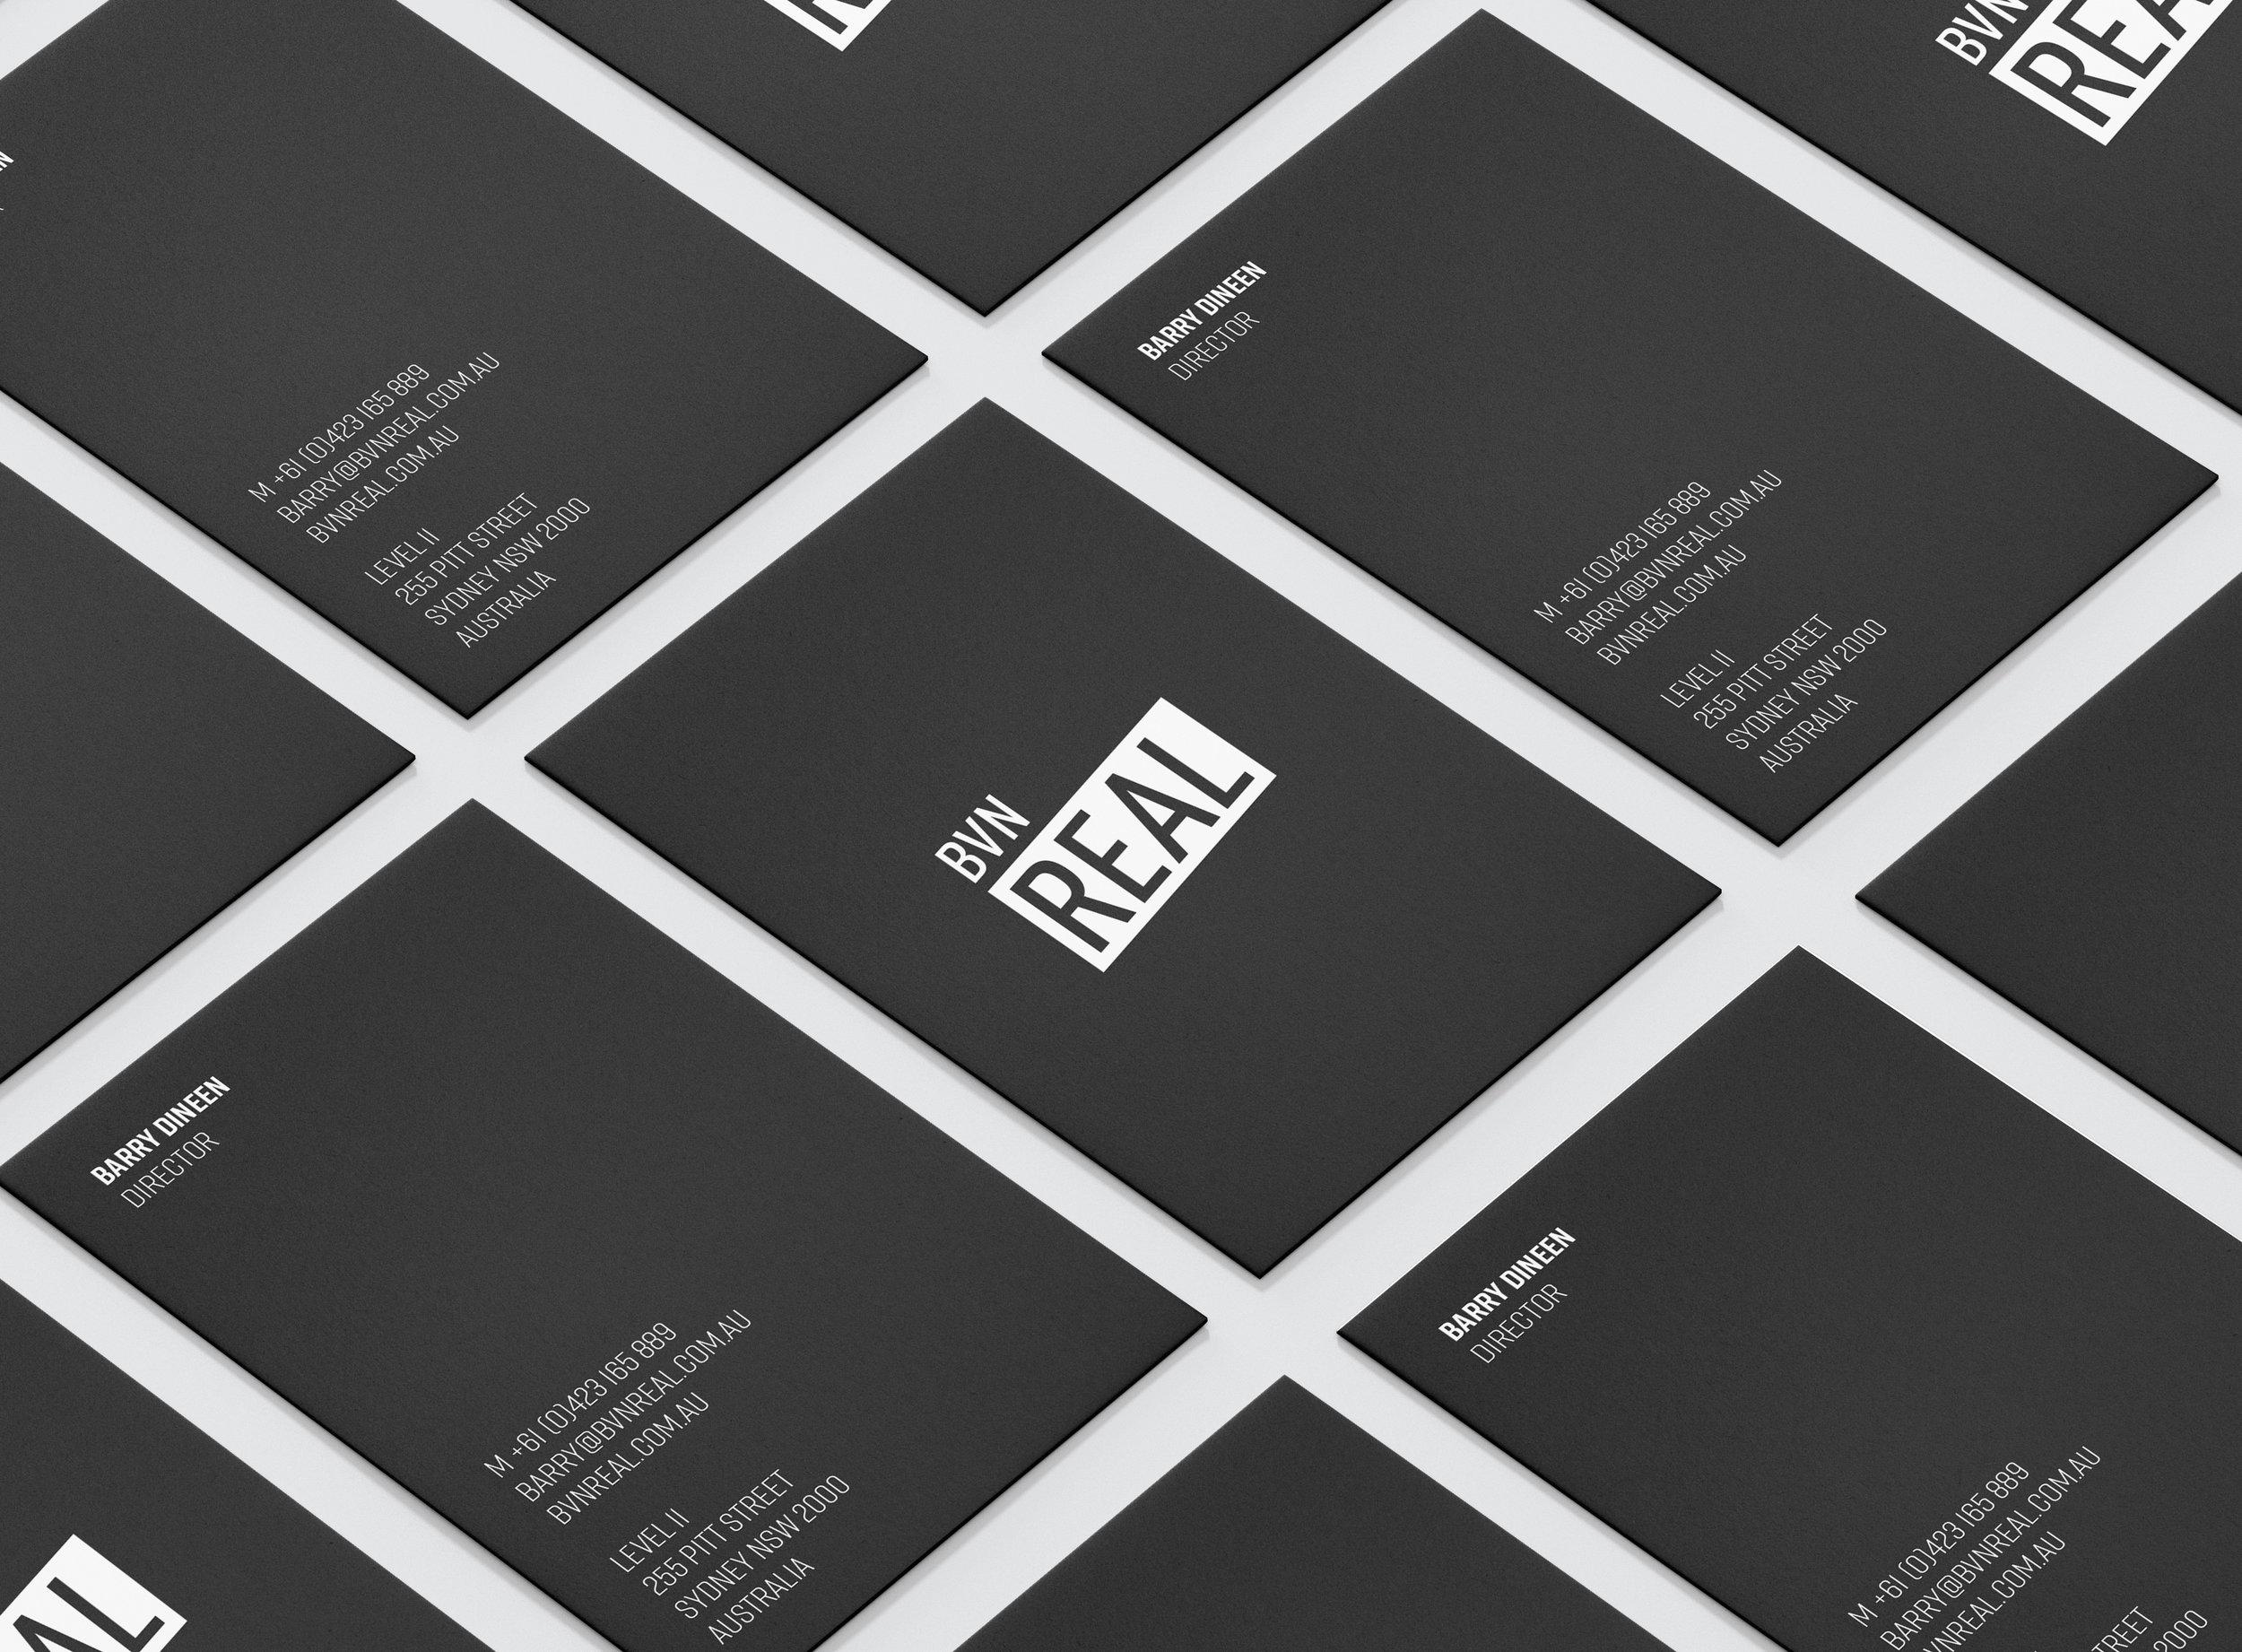 business_card_front_back_ordered_side.jpg